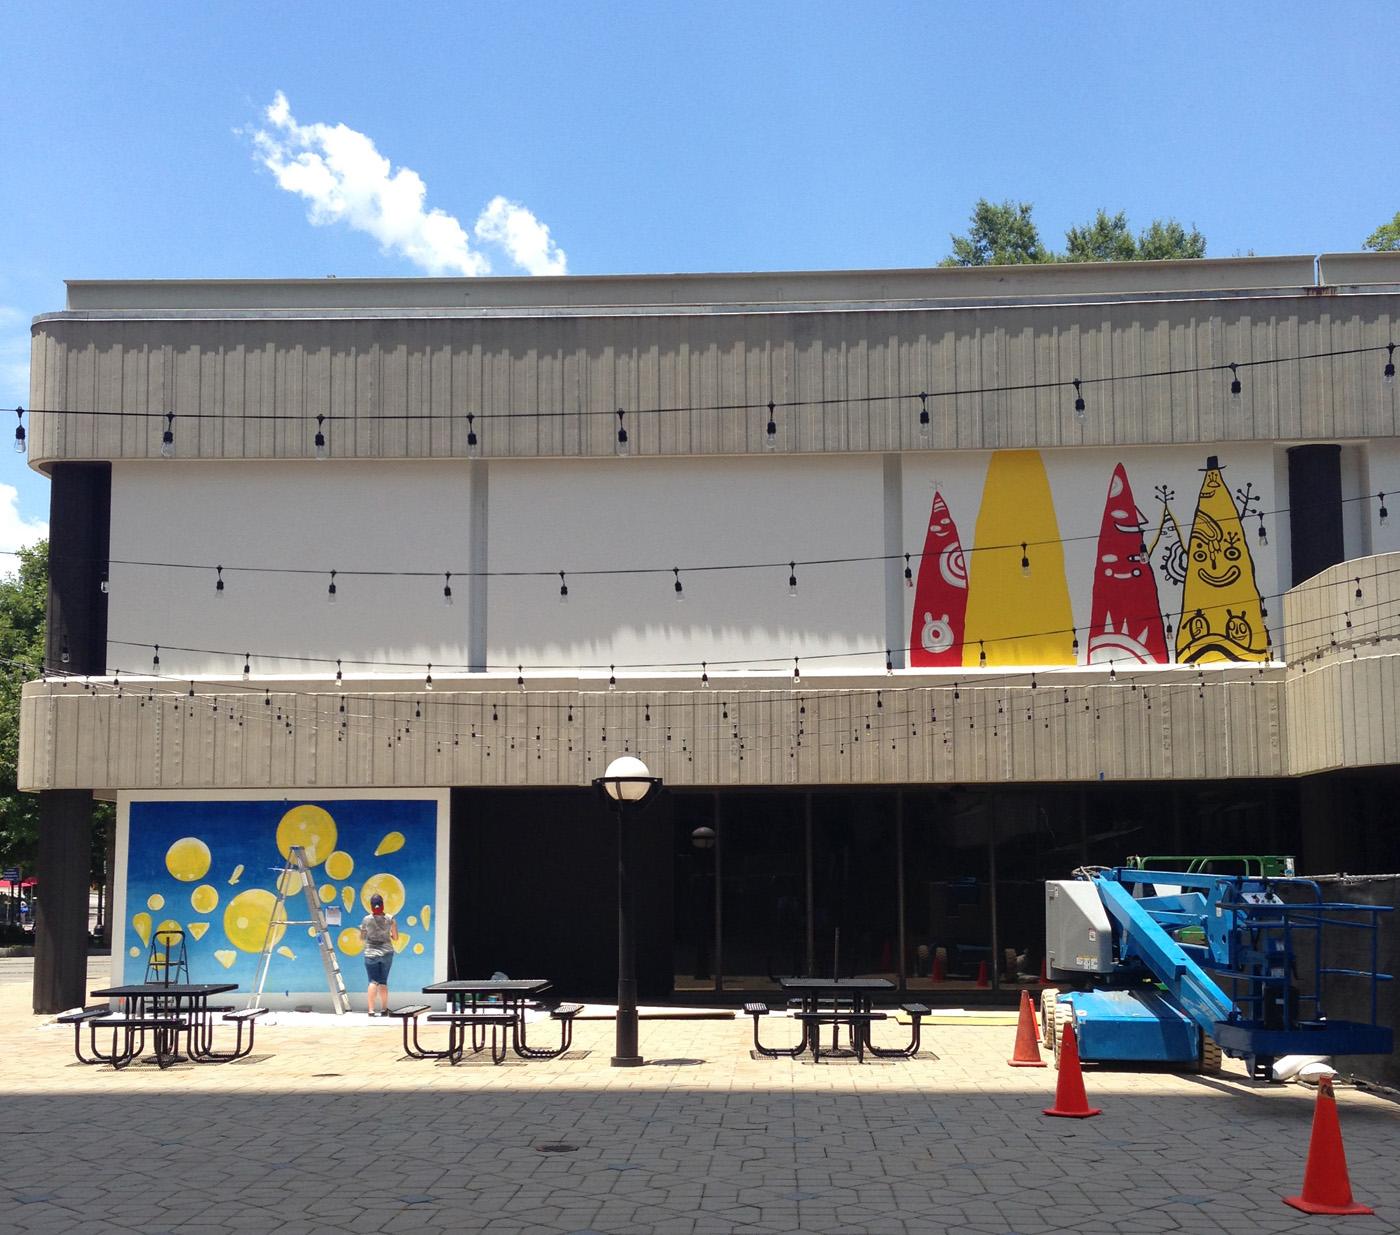 colony square mural - blackcattips - 303